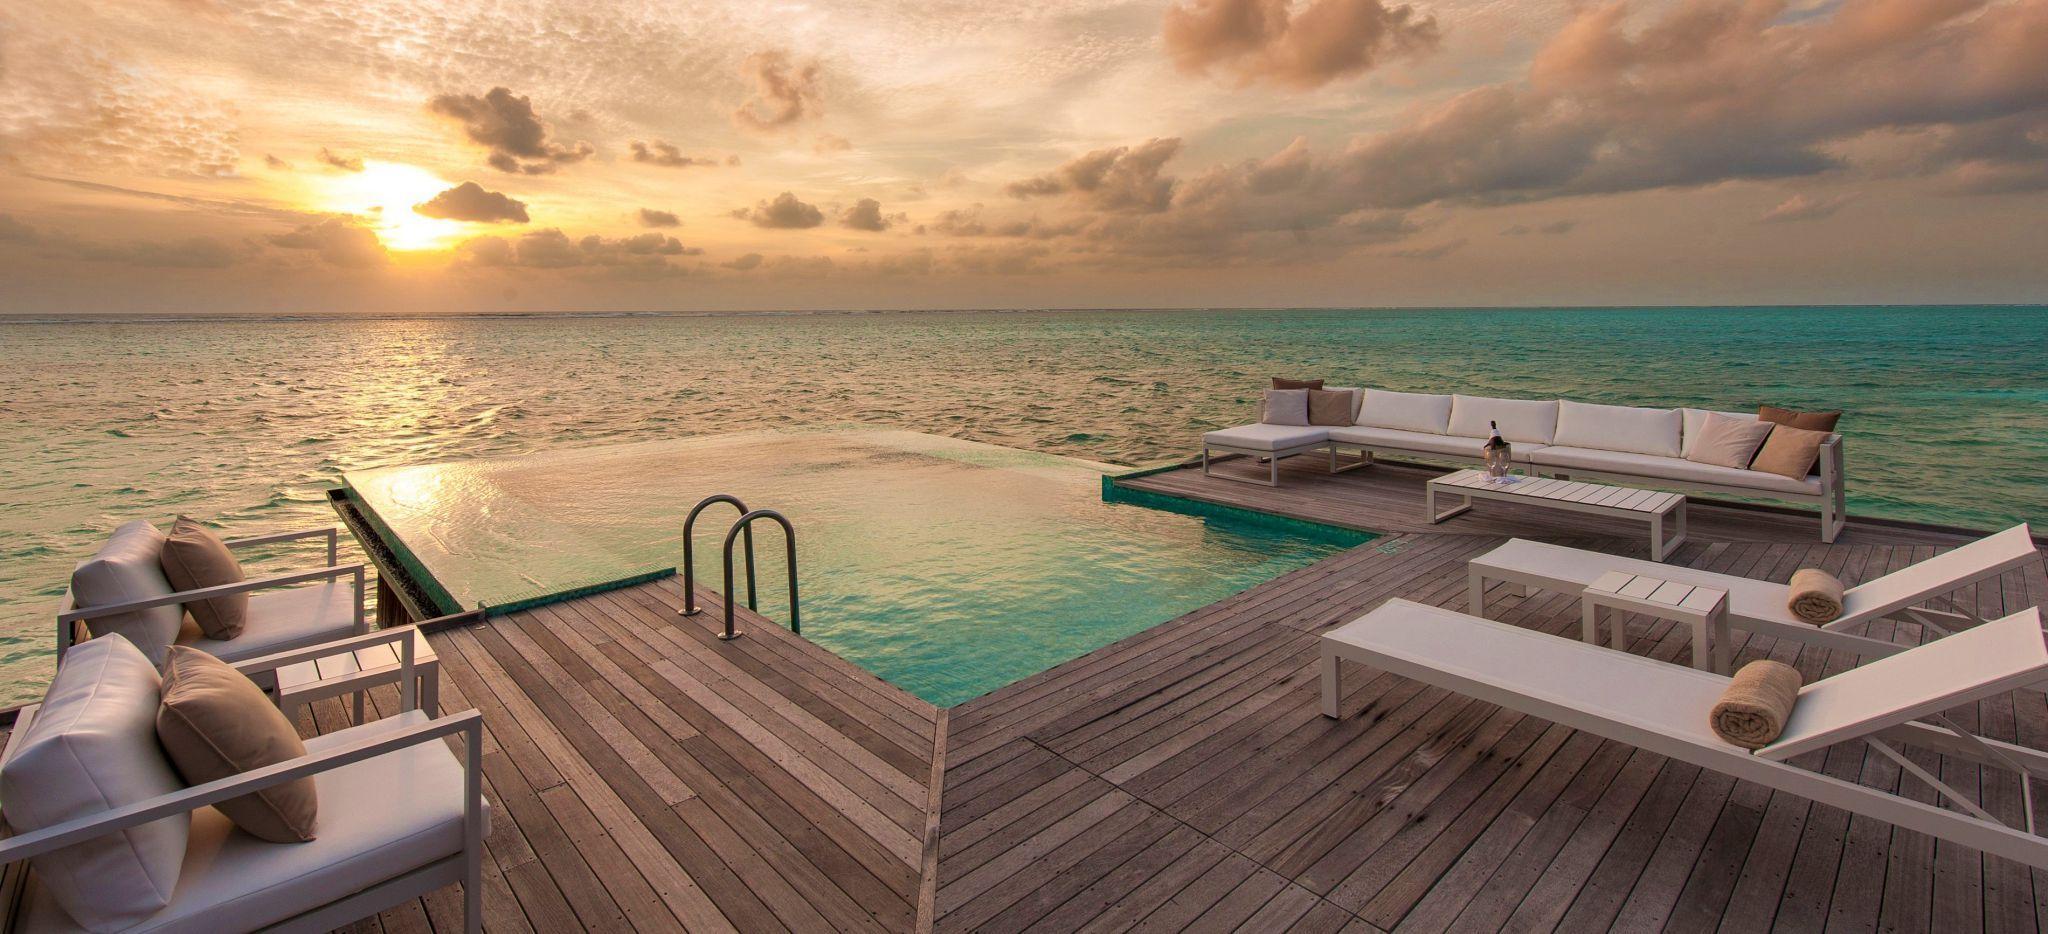 Eine Terrasse über Wasser mit privatem Pool und Blick auf den Sonnenuntergang über dem Meer der Malediven